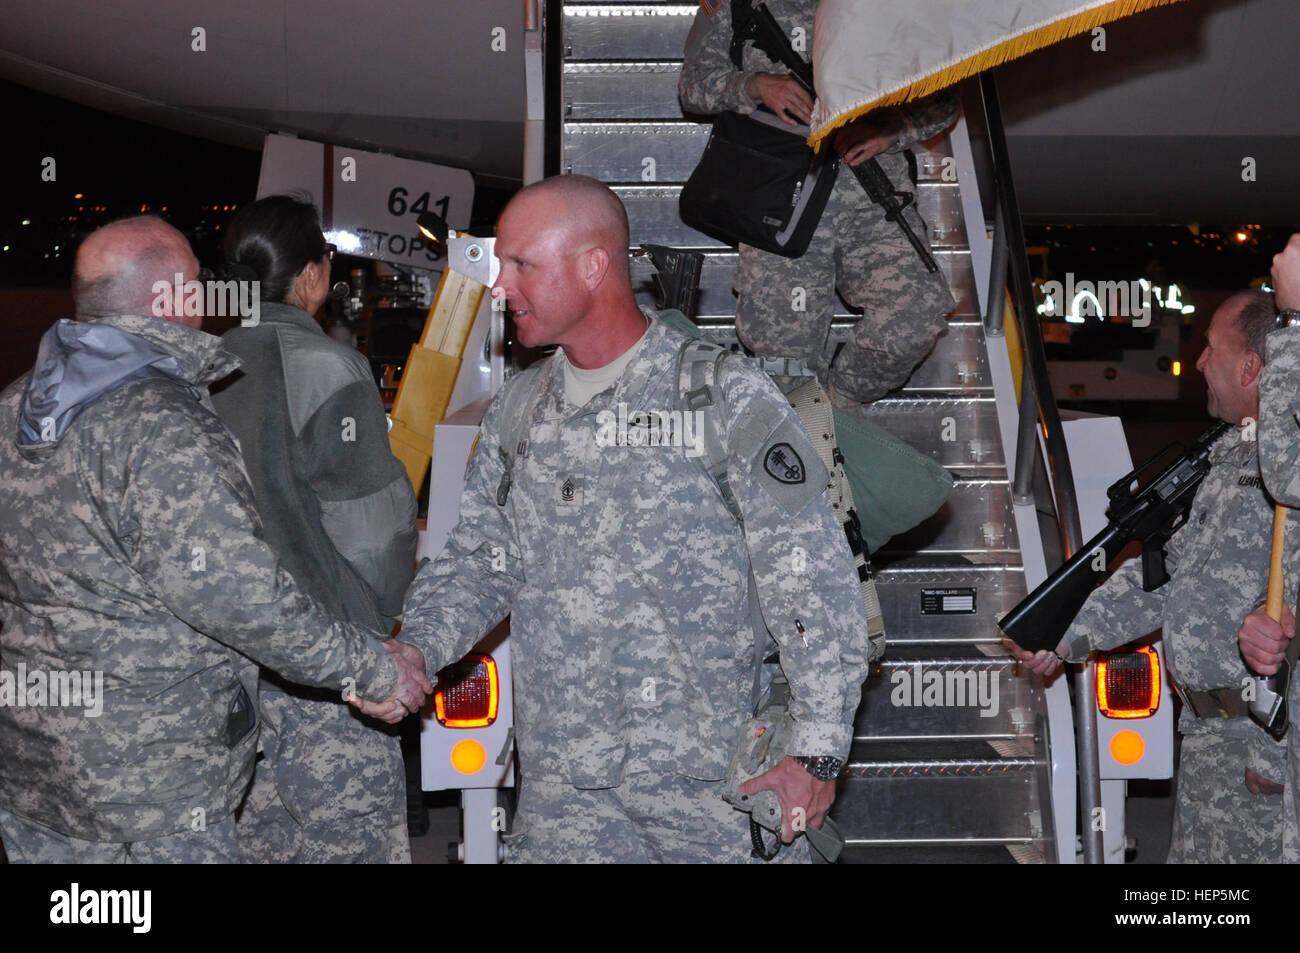 Premier Sgt. William Schultz, premier sergent, 342e Compagnie de Police militaire, est accueillie avec satisfaction de l'avion après son arrivée aux États-Unis à la Silas L. Copeland l'arrivée et le départ du Groupe de contrôle de l'air 10 févr. 26. Le 342MP Co. a terminé une période de neuf mois de déploiement des opérations détenu à Guantanamo Bay, Cuba. 342MP Company retourne du déploiement à Guantanamo Bay 150226-A-CX902-003 Banque D'Images